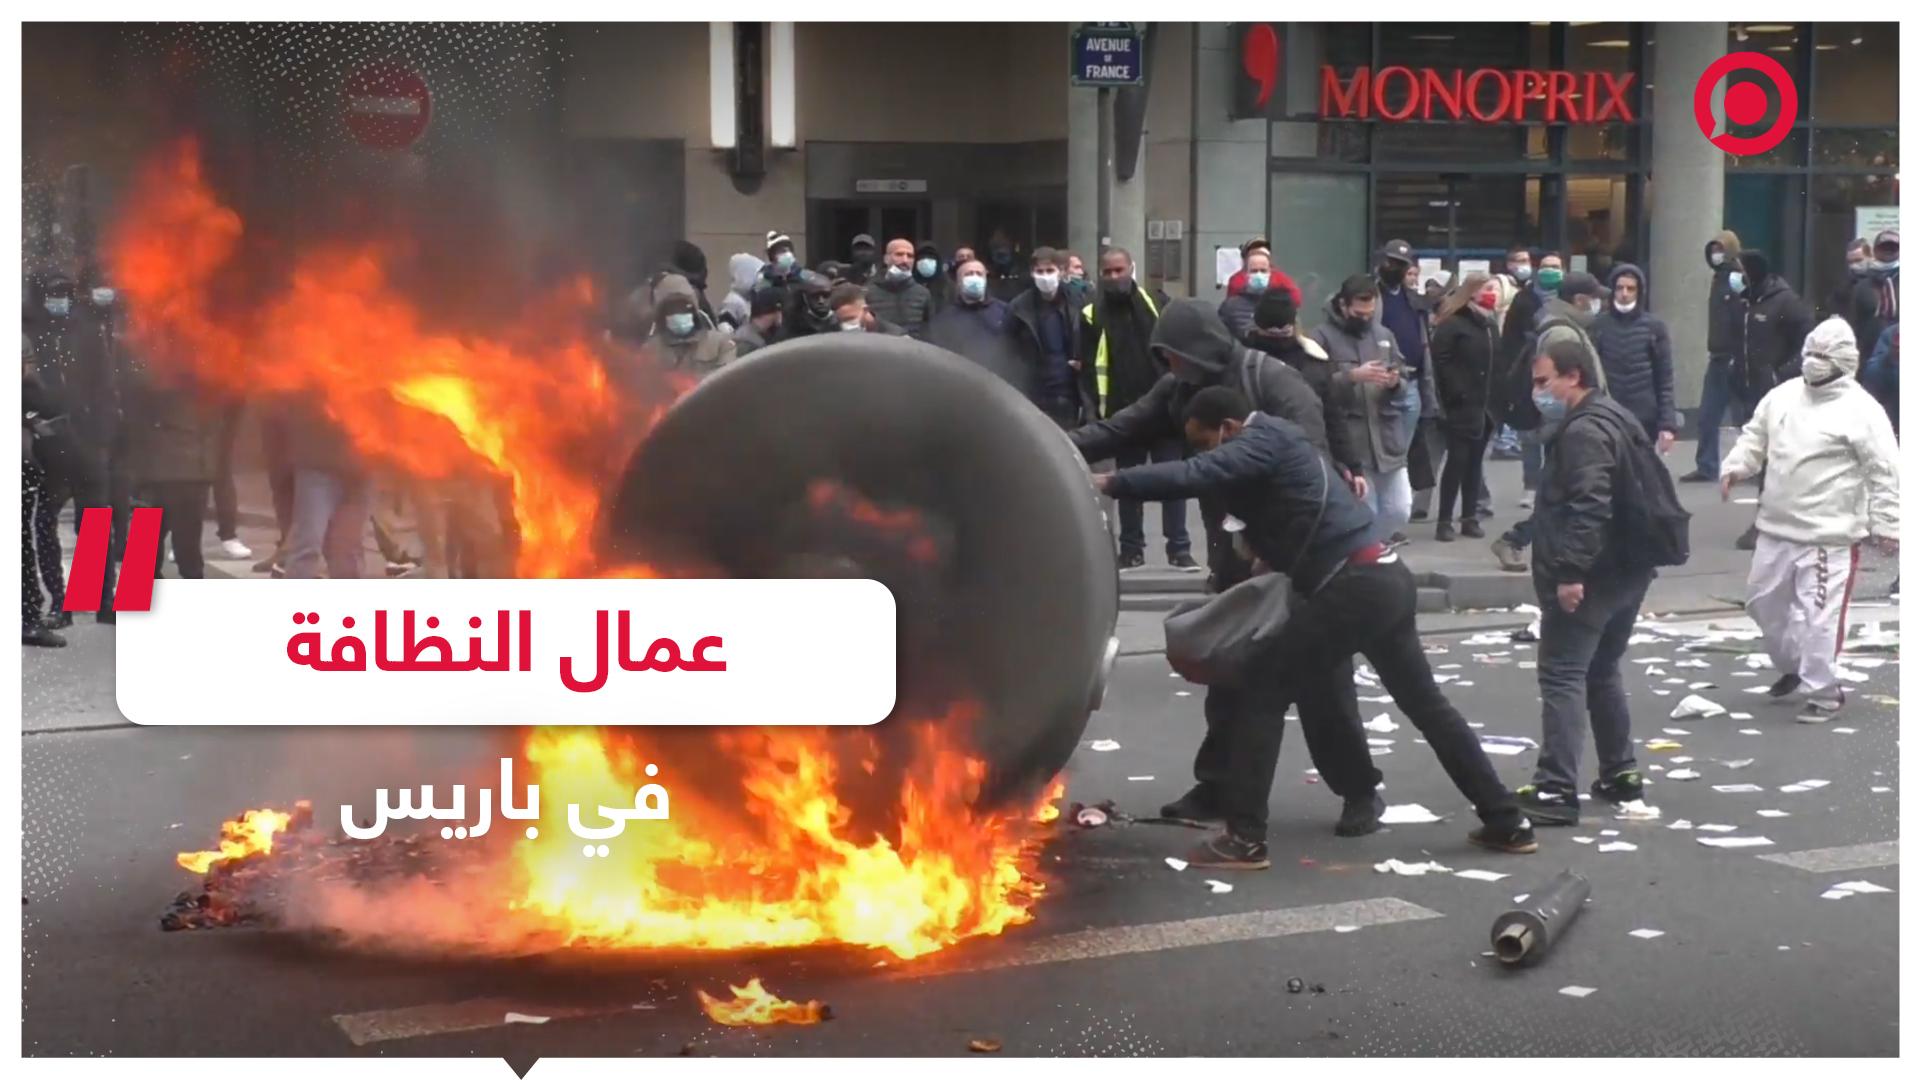 عمال النظافة يلقون بالقاذورات في شوارع باريس للمطالبة بتحسين ظروف المعيشة